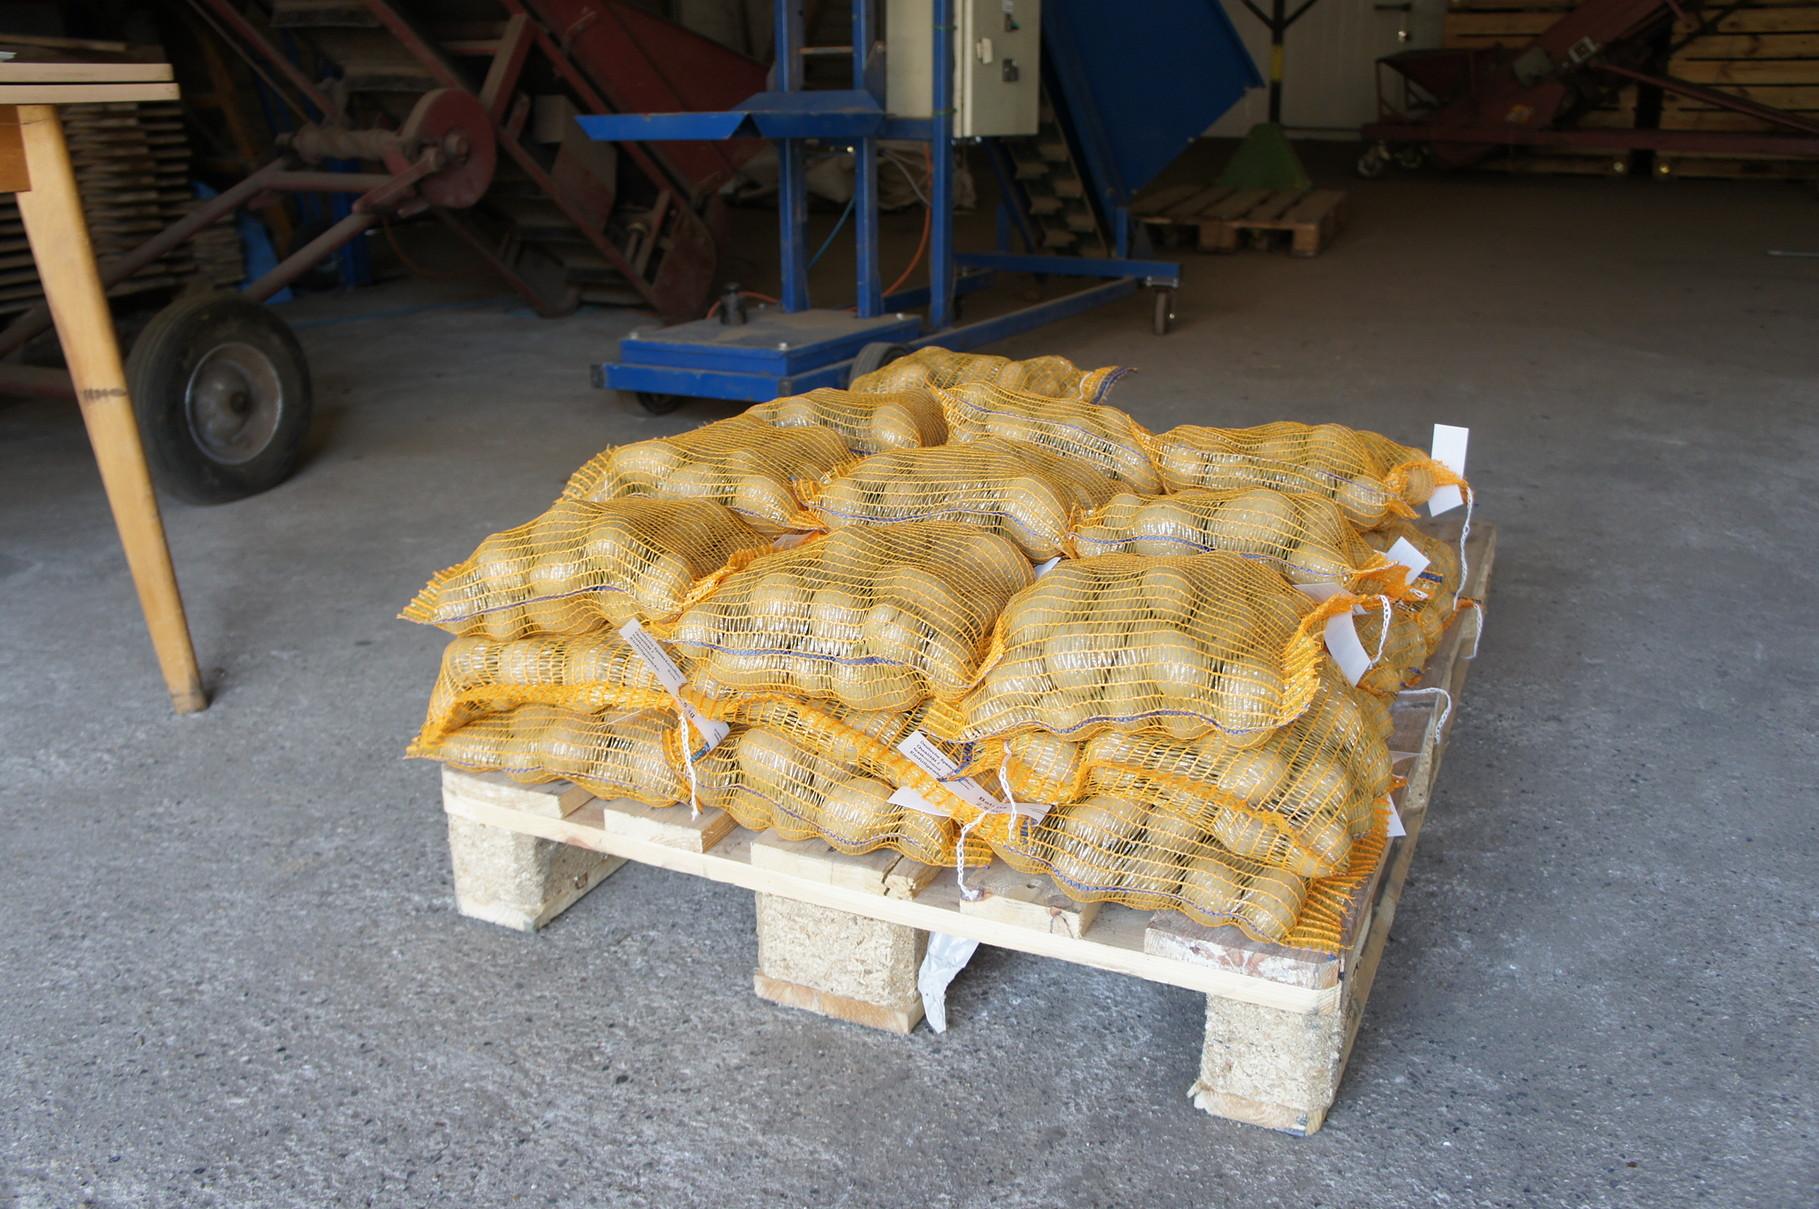 abgepackte Kartoffeln